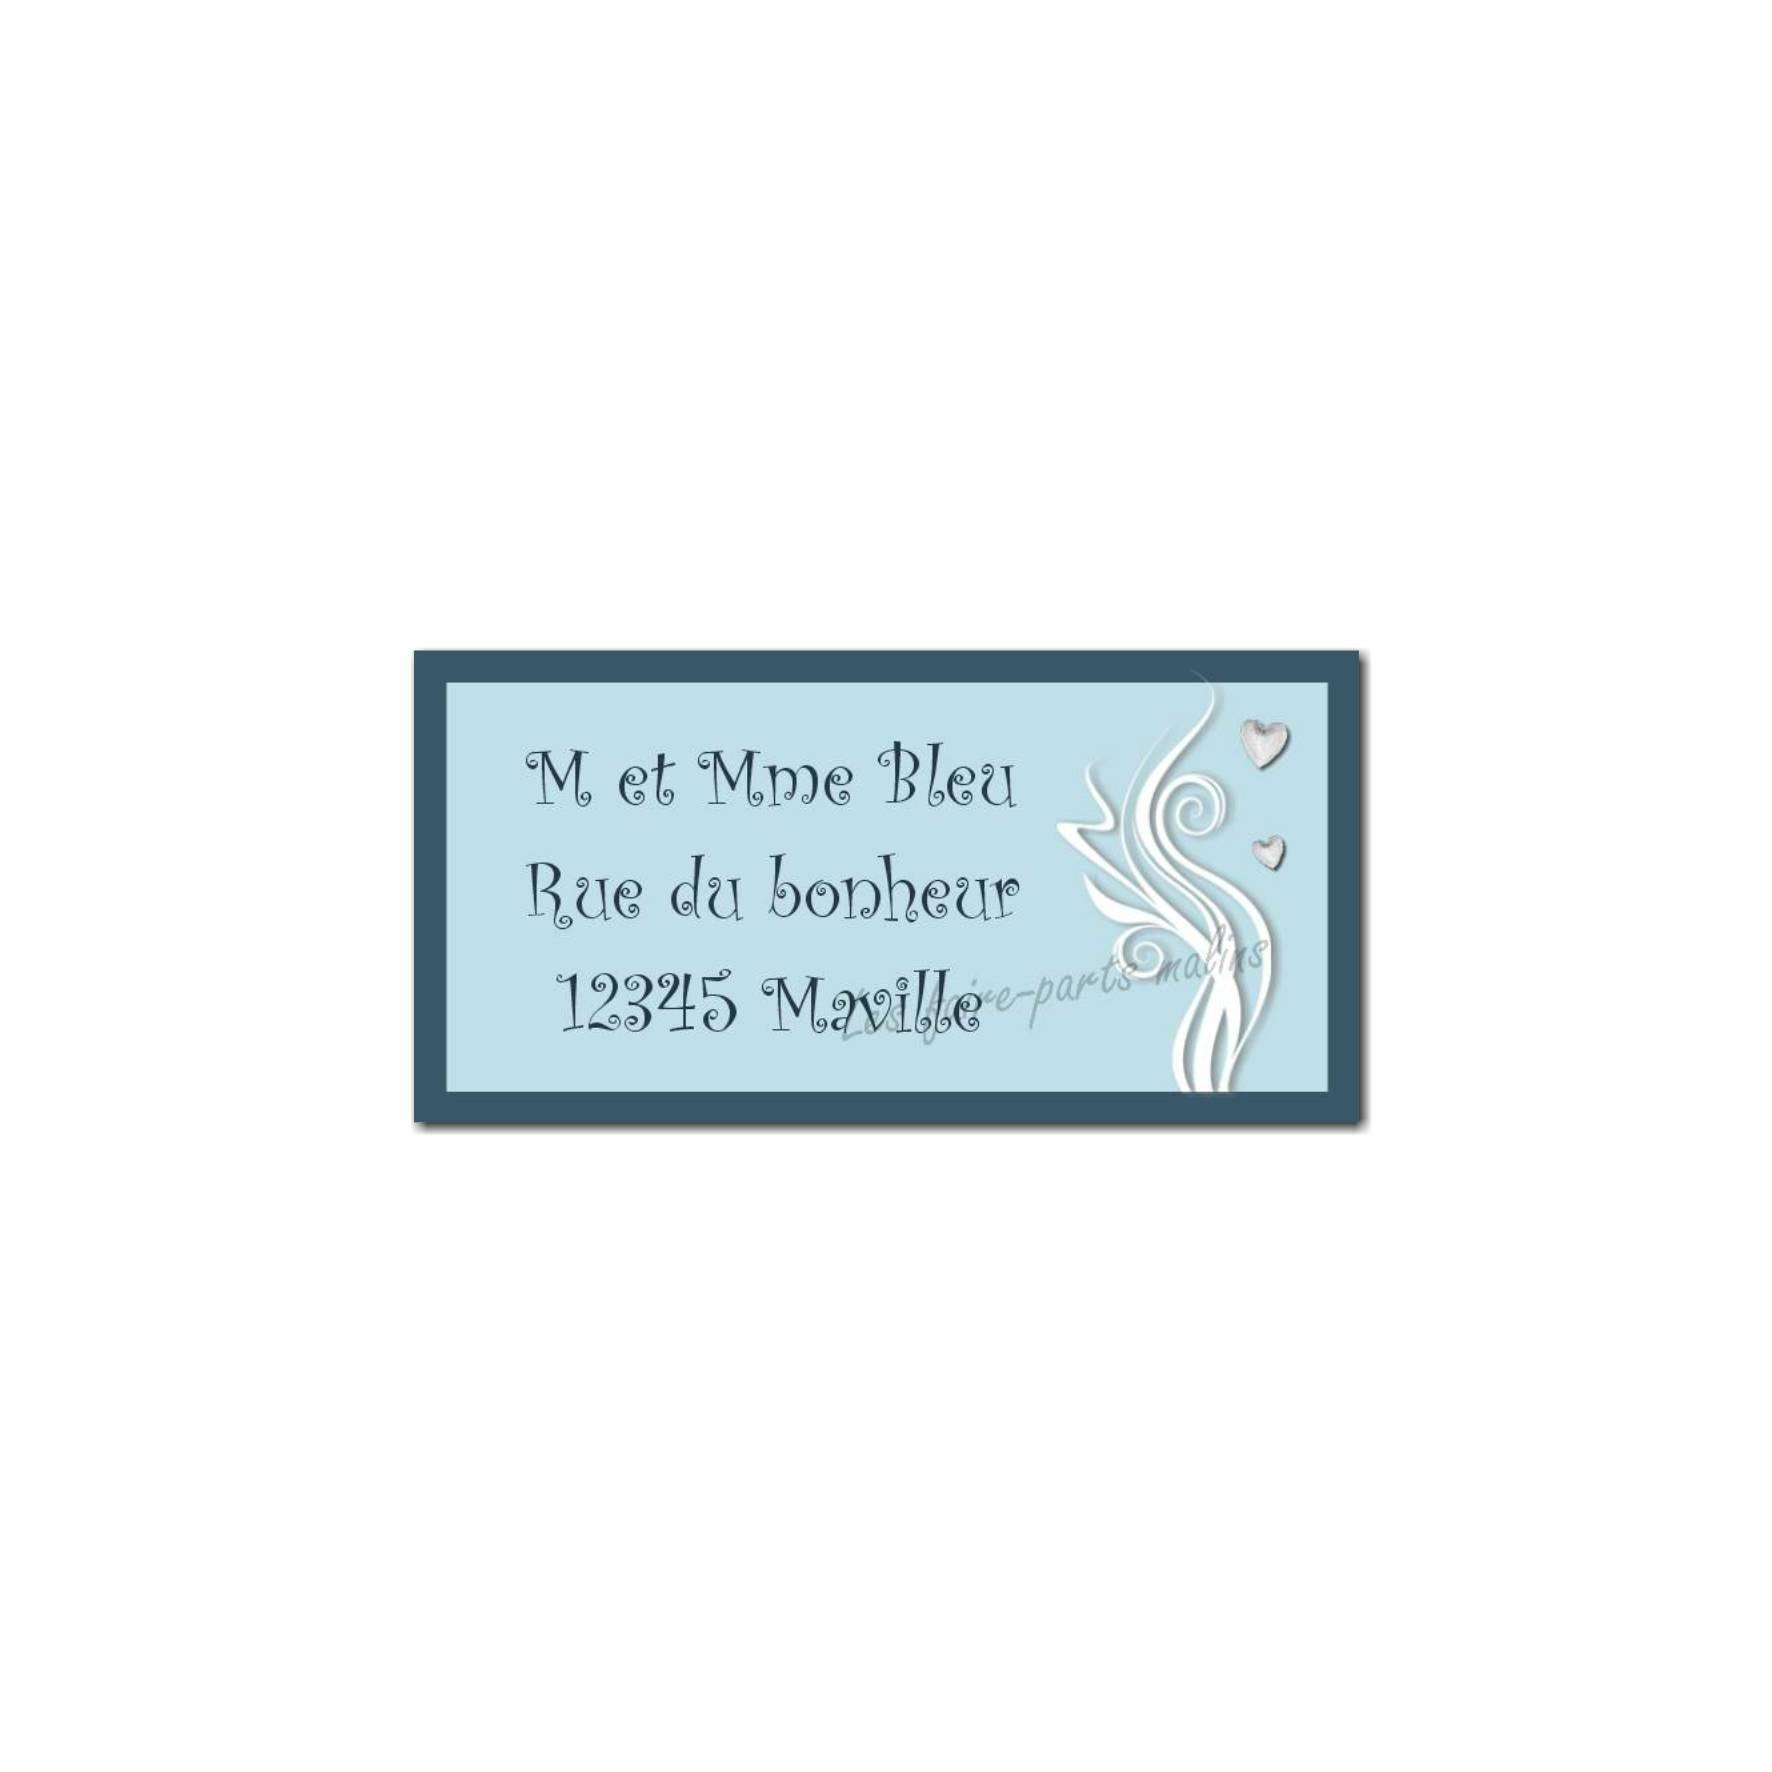 étiquette adresse bleu clair et foncé